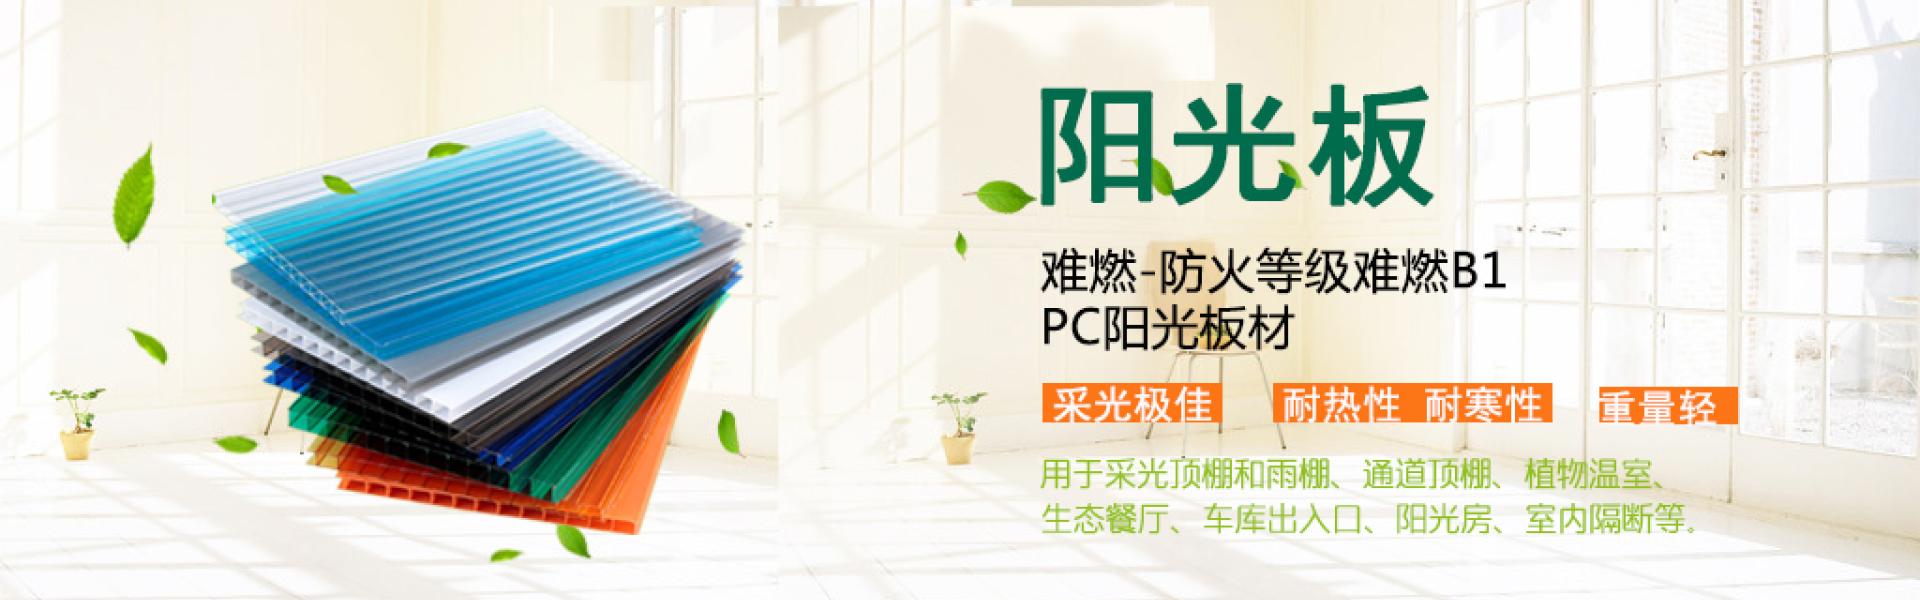 辽阳阳光板,沈阳阳光板,辽宁采光板,辽阳FRP采光板,沈阳阳光板厂家的优质供应商